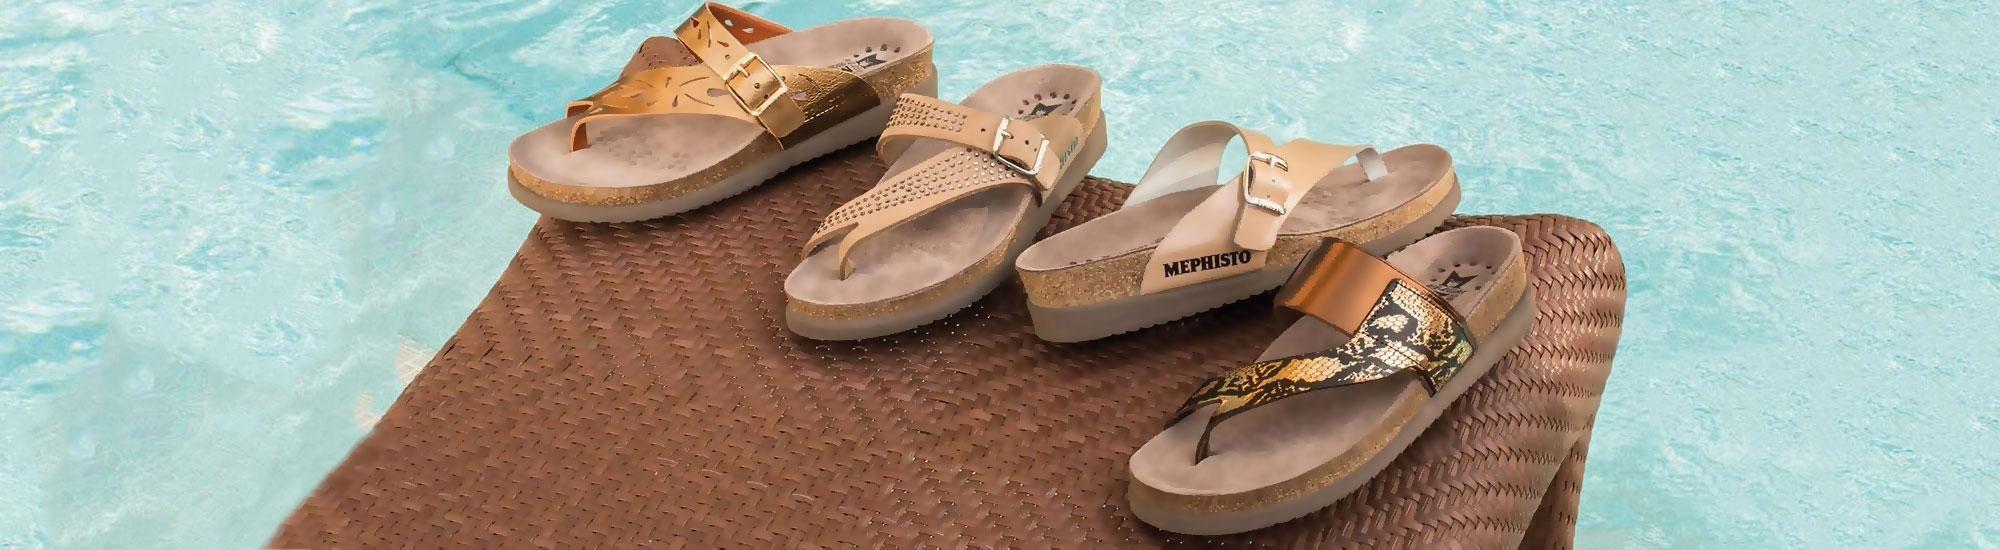 mephisto sandals Oakville